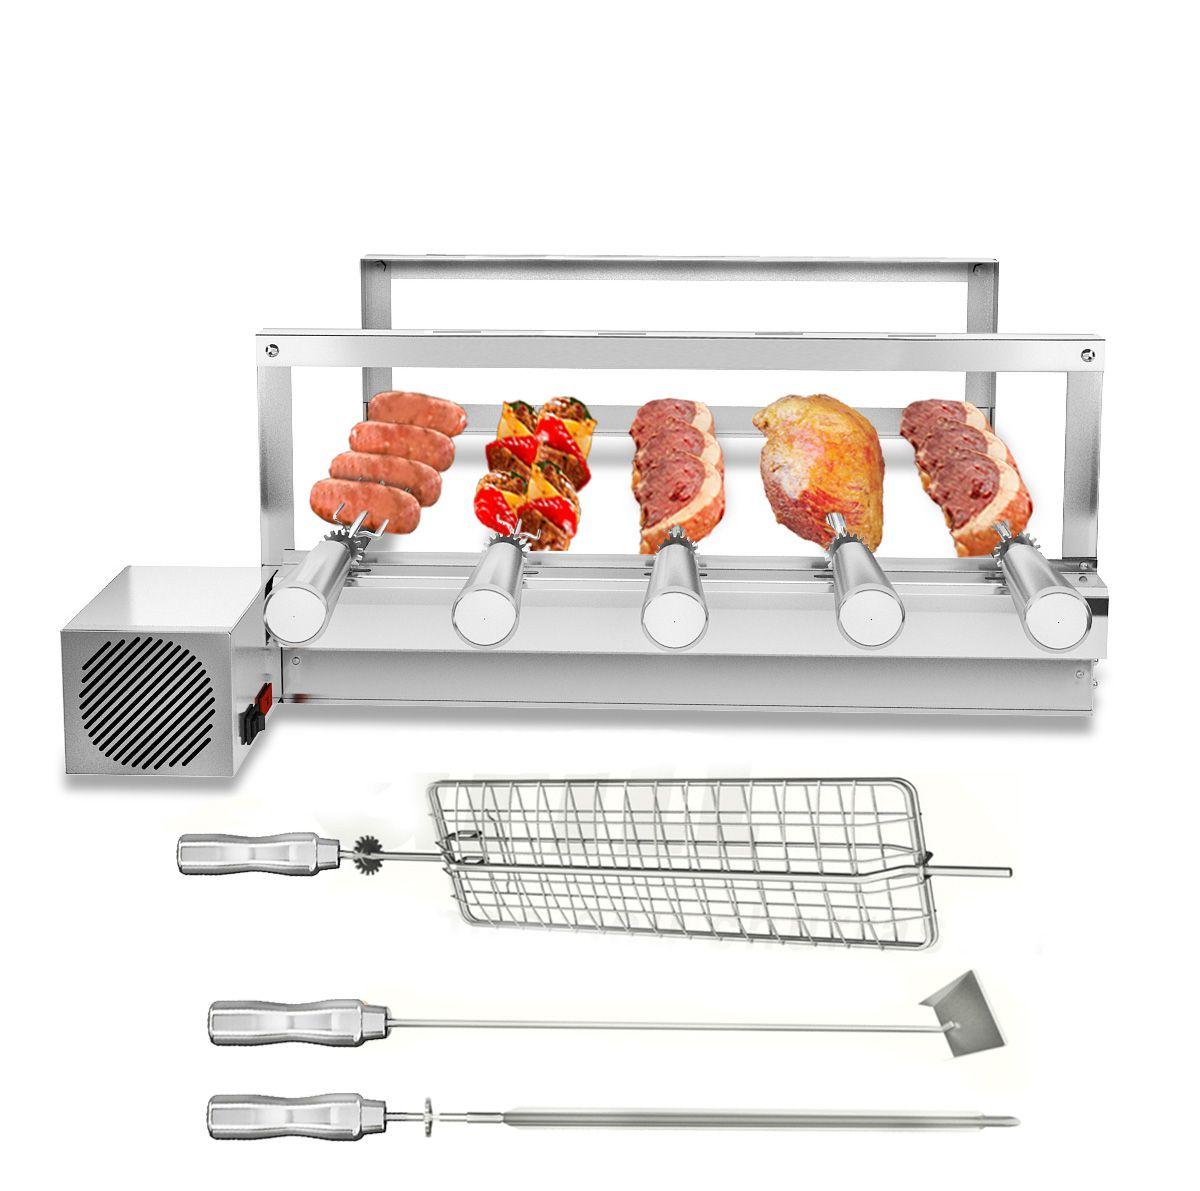 Churrasqueira Gira Grill  5 Espetos Giratórios 100% Inox MOTOR LADO DIREITO + 3 Acessórios